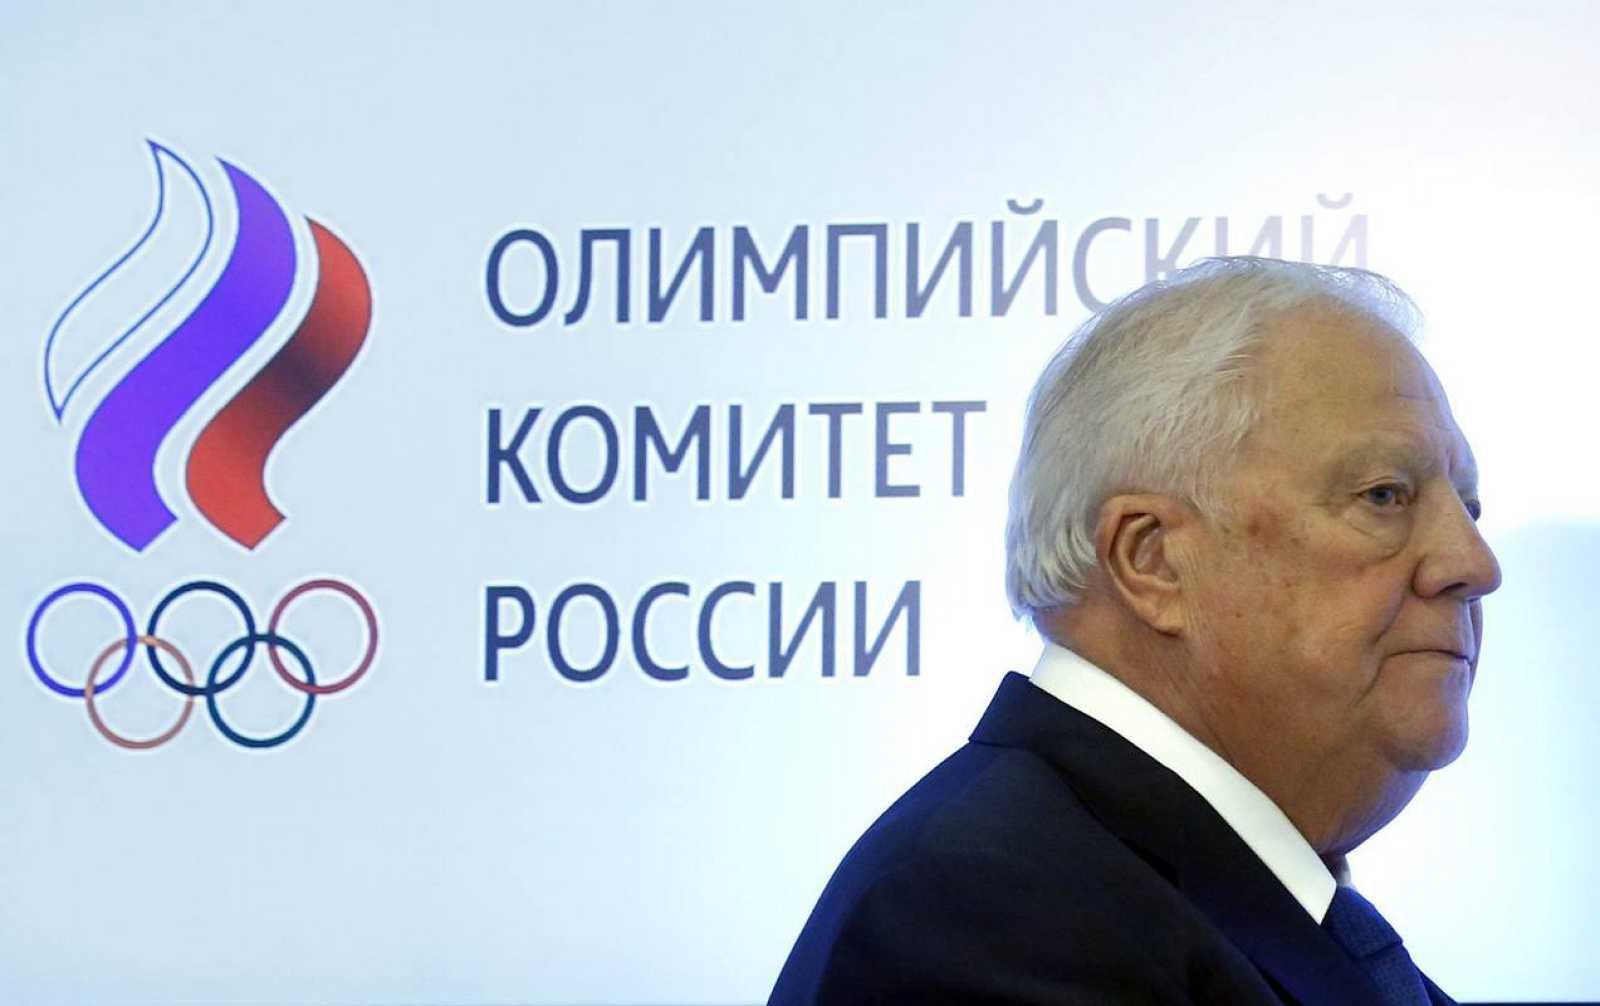 El miembro ruso del Comité Olímpico Internaconal (COI) Vitaly Smirnov participa en una sesión del Comité Olímpico Ruso (COR) celebrada en Moscú.